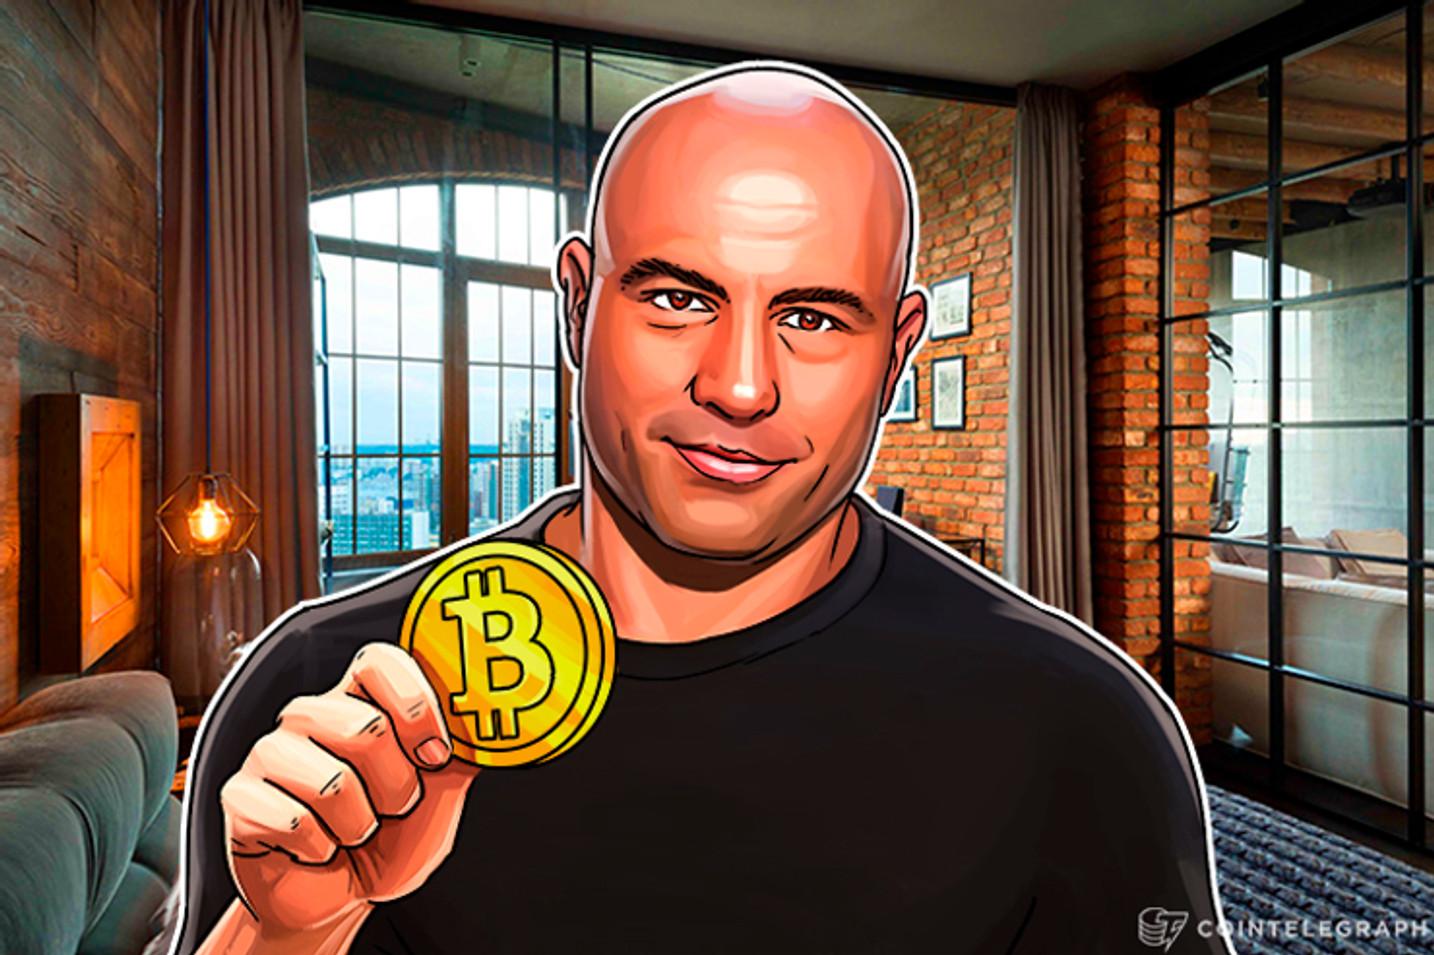 'Eu não sou exatamente um cético, mas não invisto em Bitcoin' diz Joe Rogan em nova polêmica